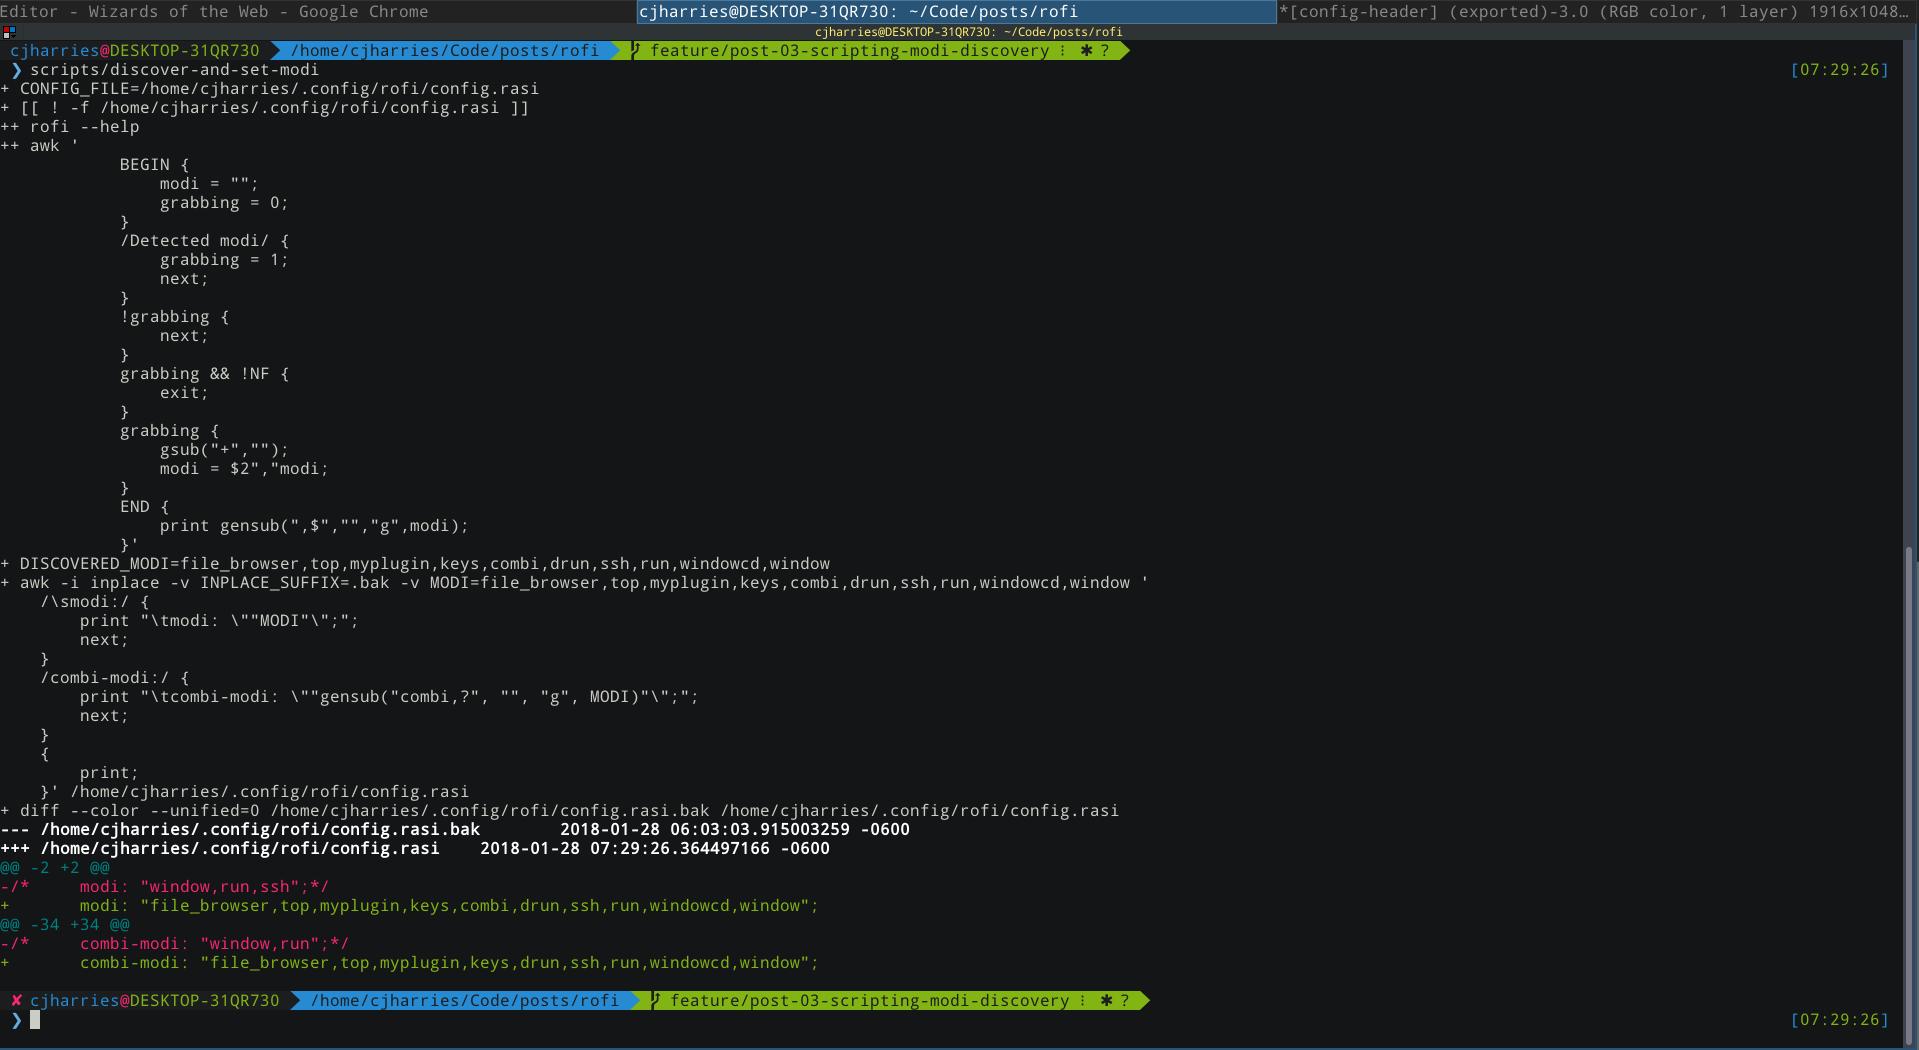 rofi: Scripting modi Discovery